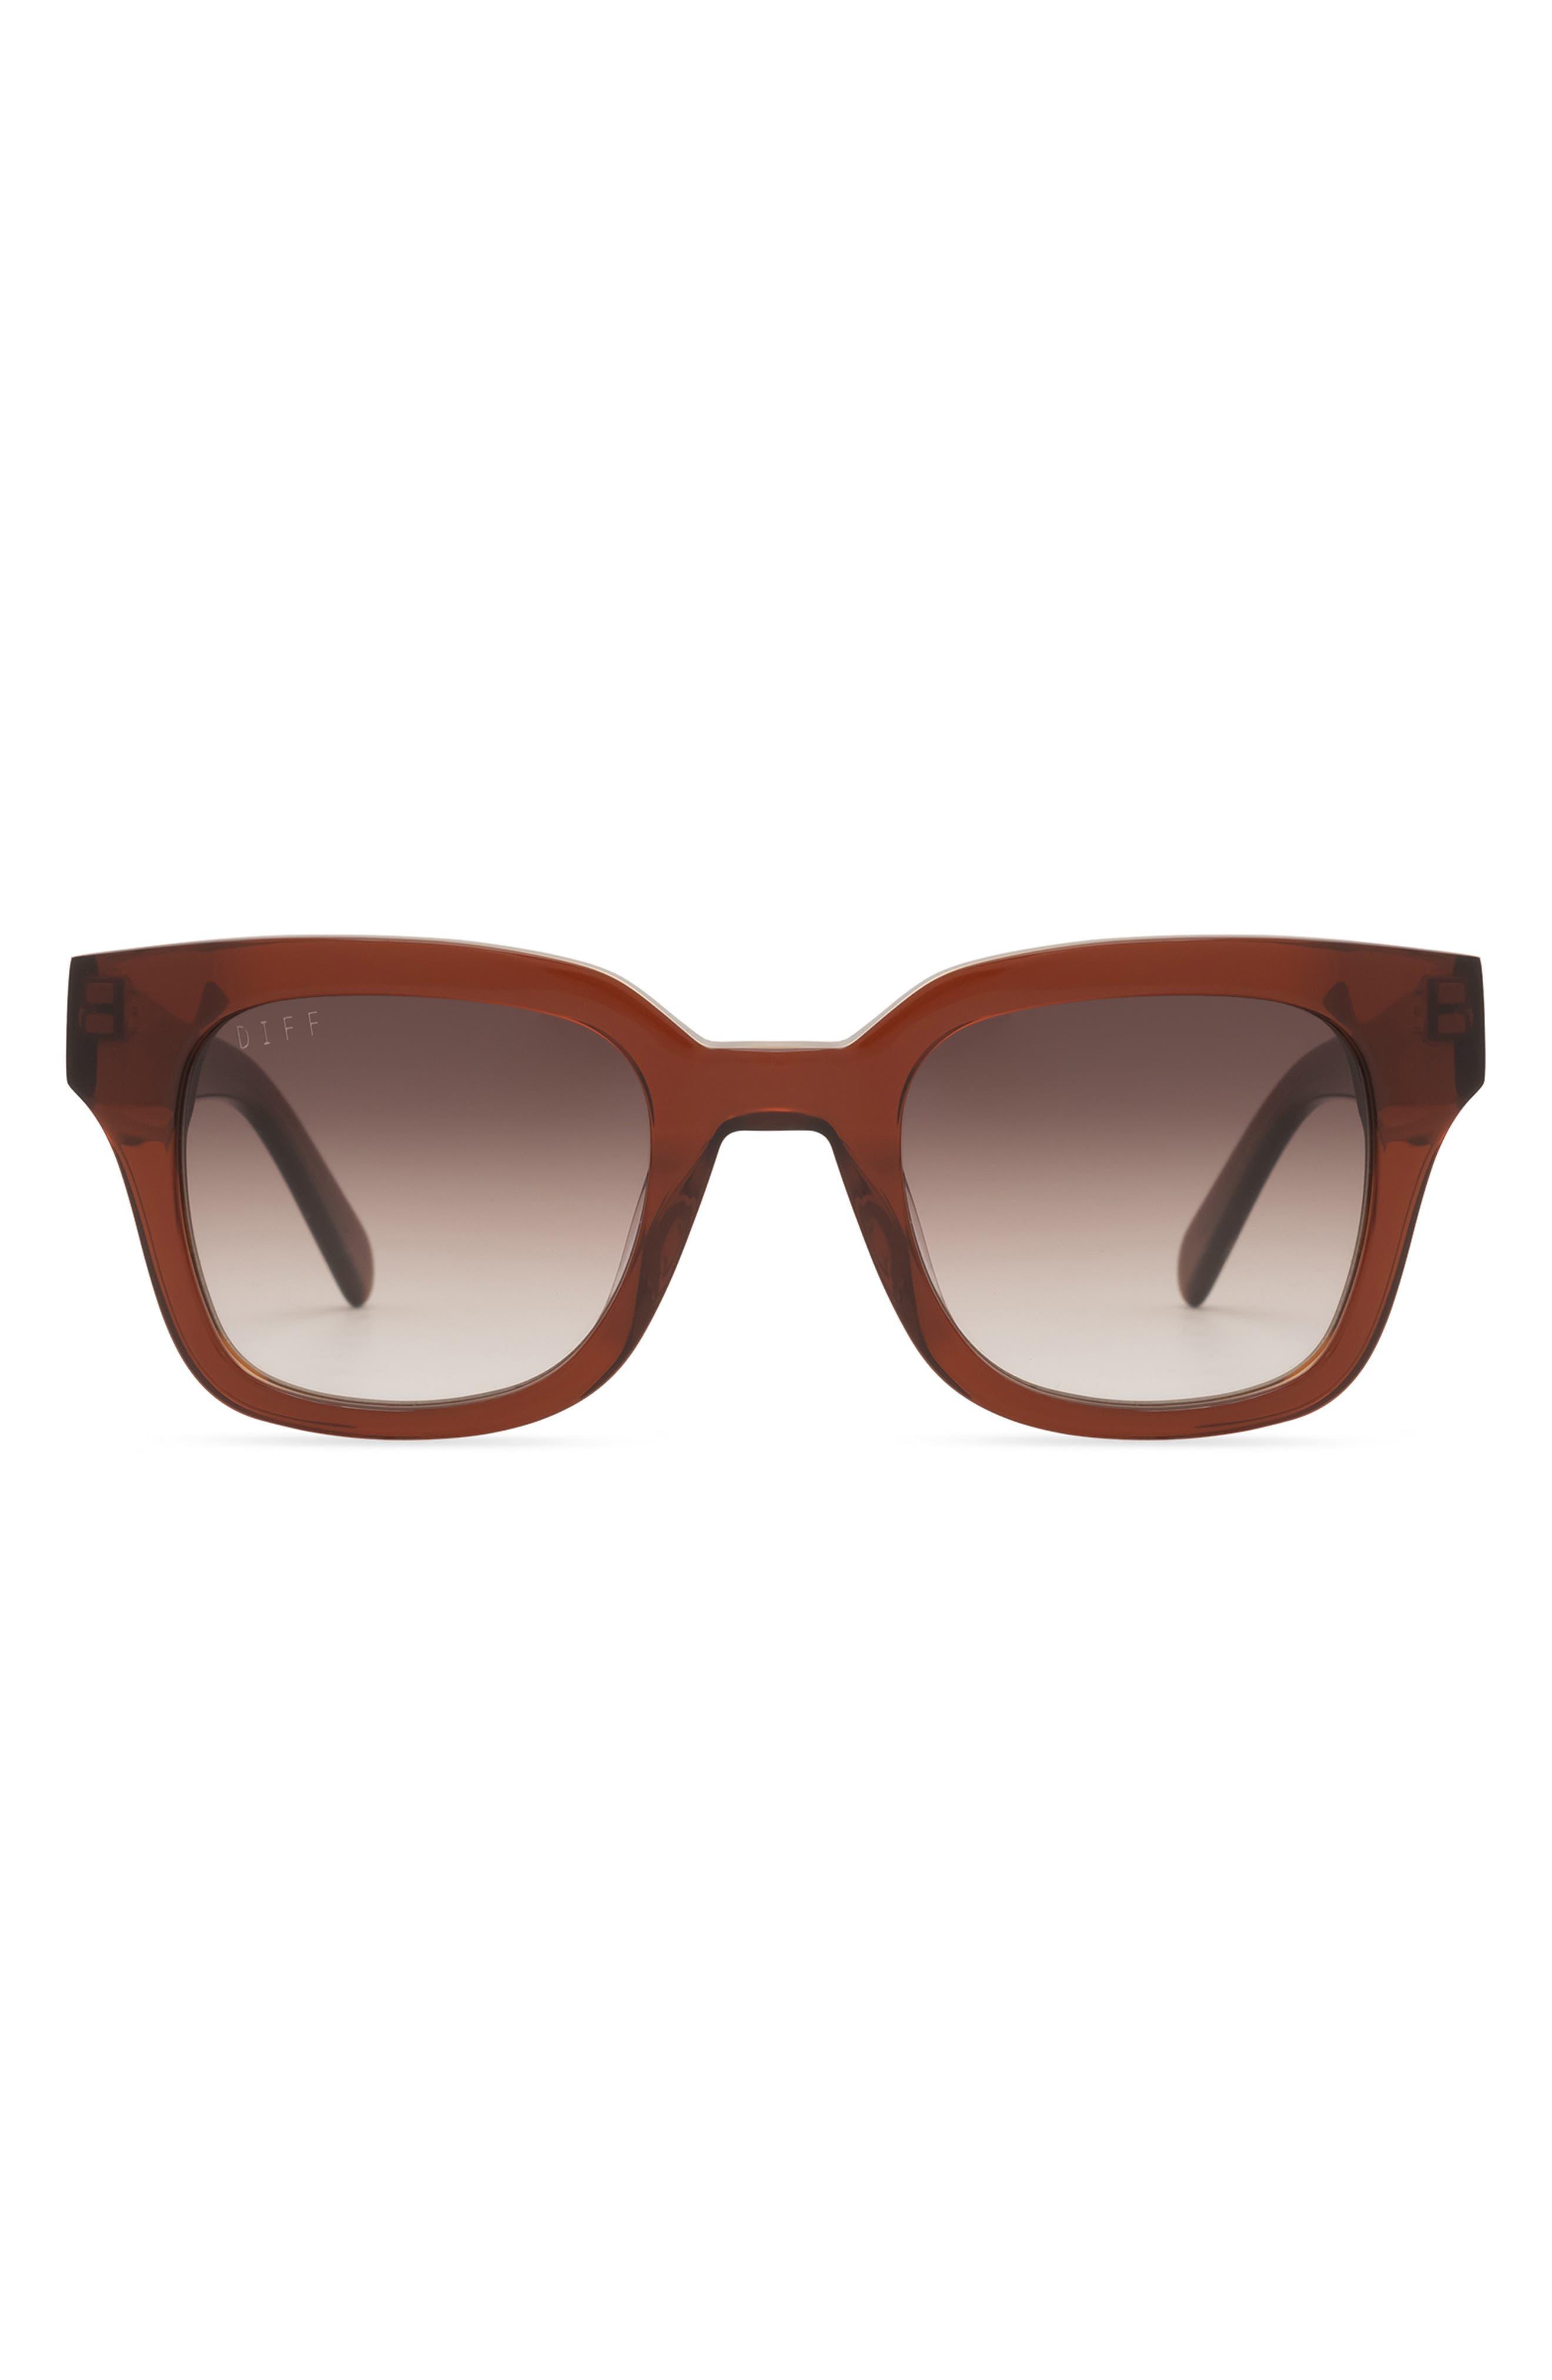 Jean 55mm Square Sunglasses